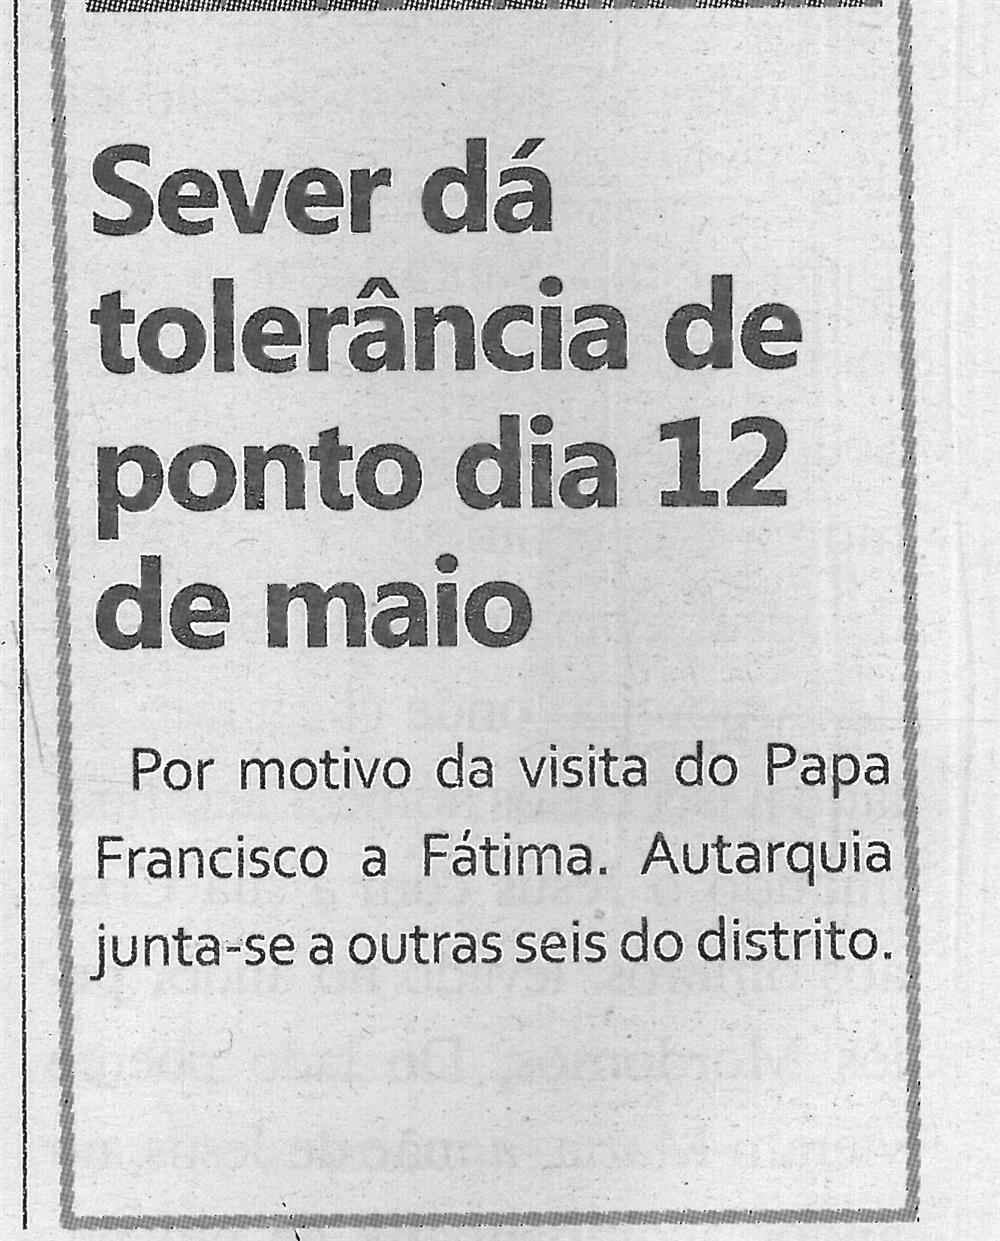 TV-maio'17-p.10-Sever dá tolerância de ponto dia 12 de maio.jpg